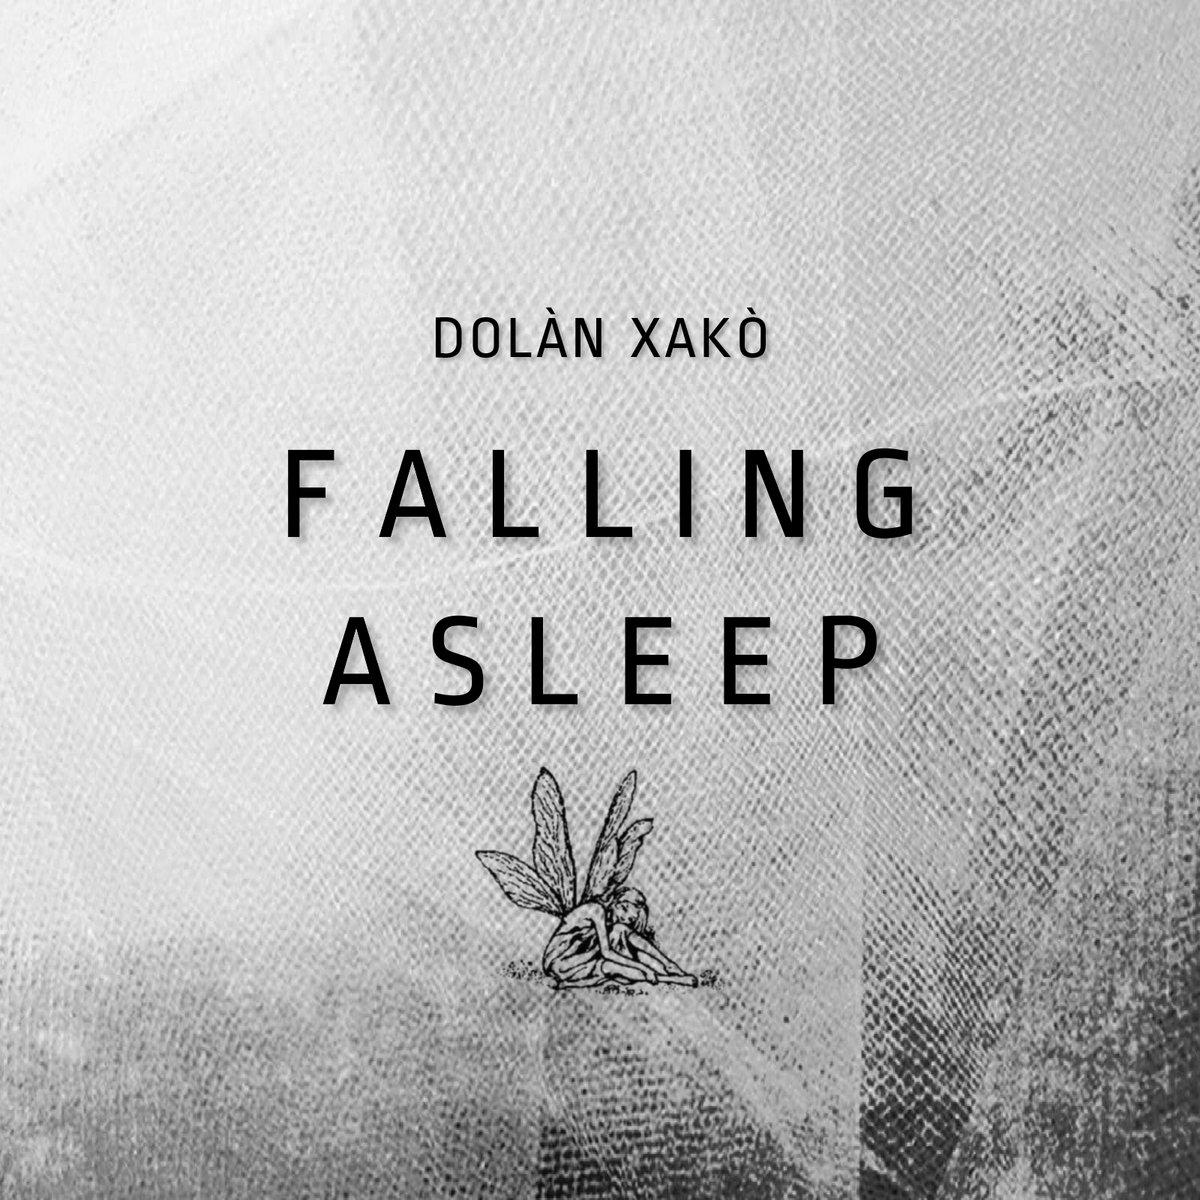 Dolàn Xakò – FALLING ASLEEP